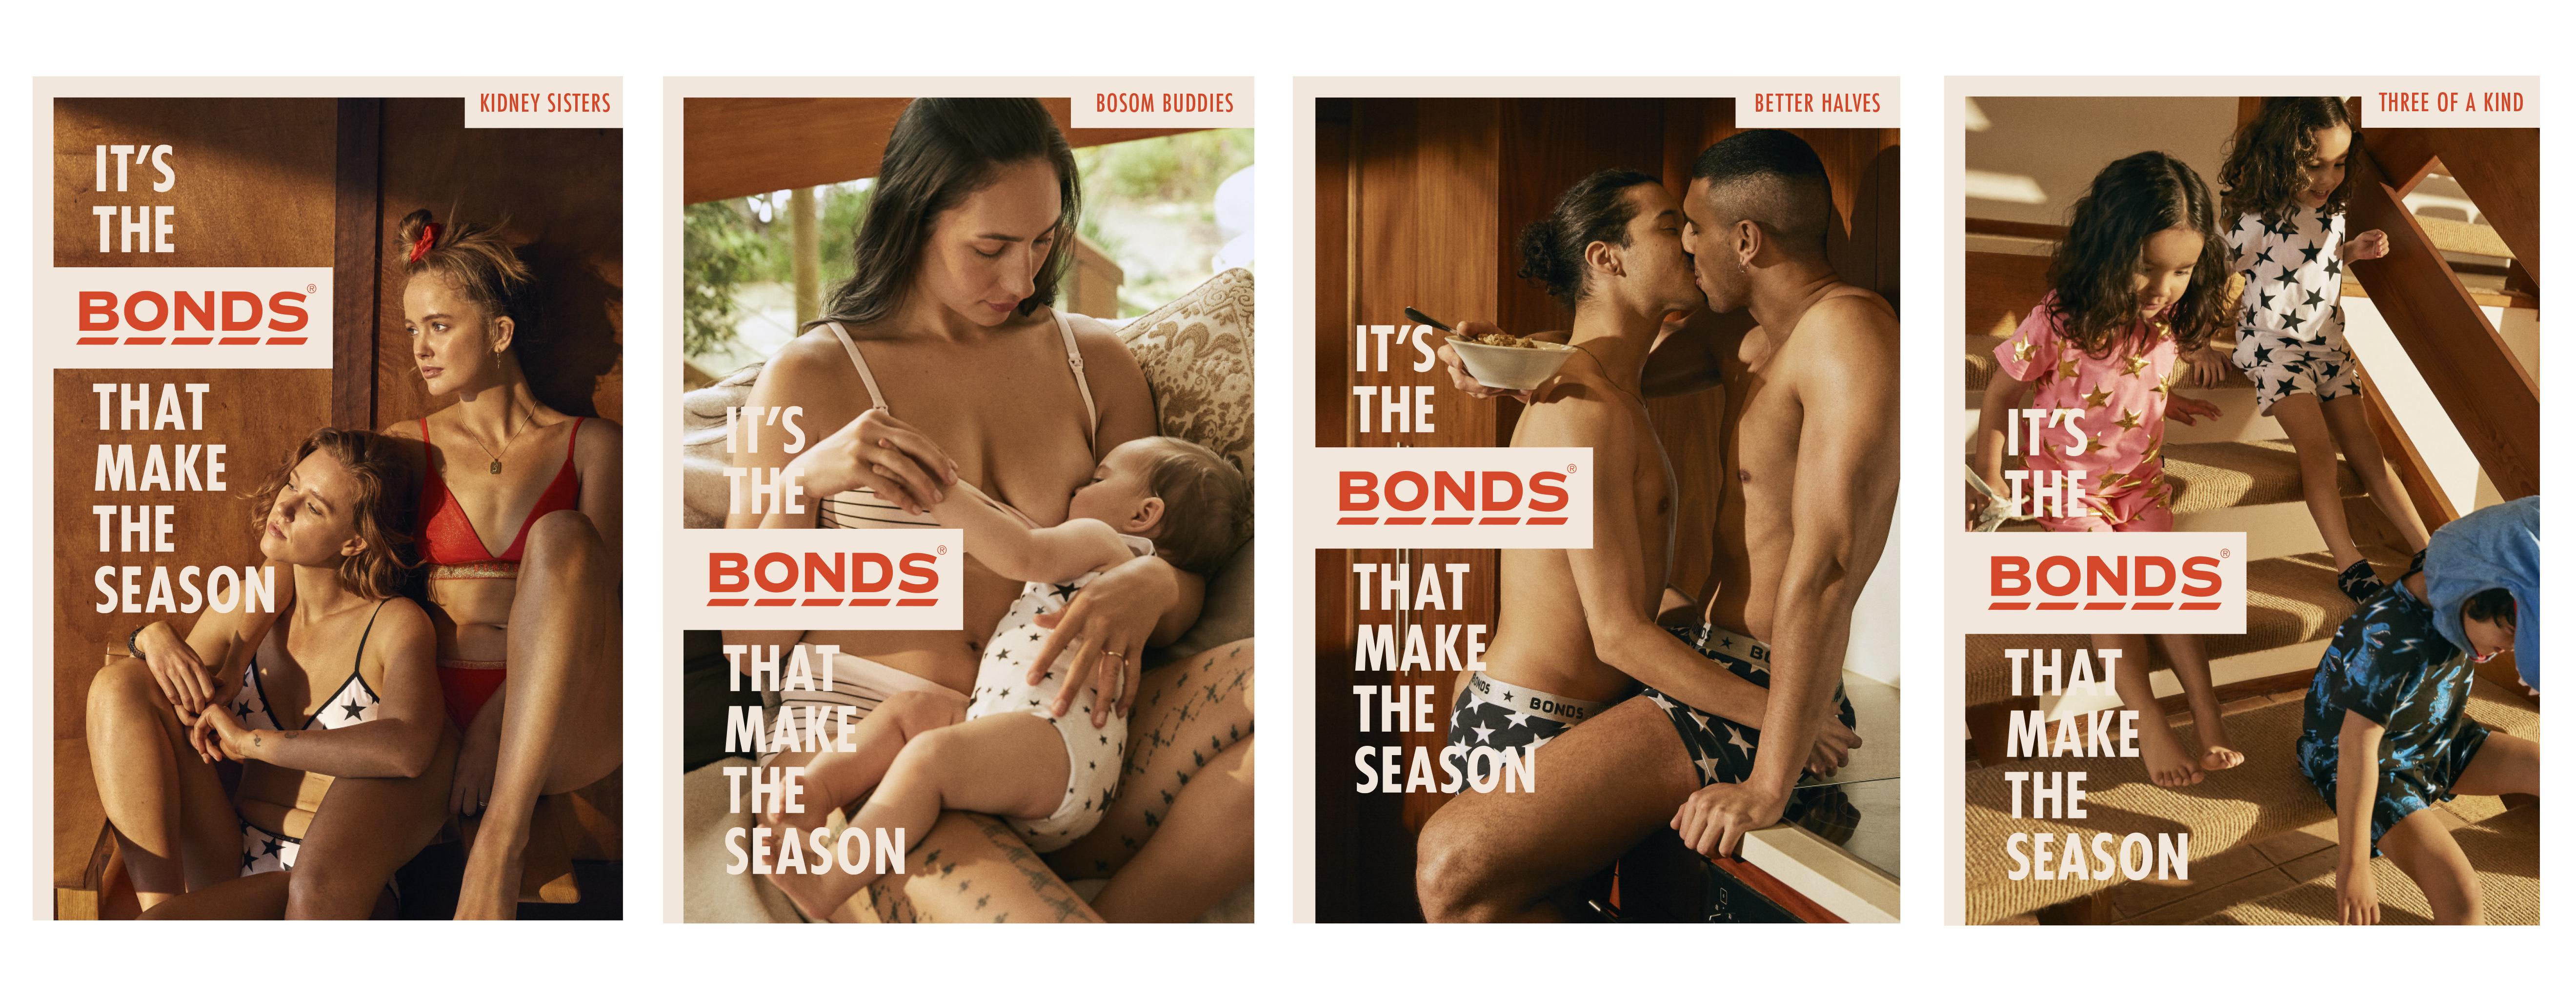 Bonds recognises it's the Bonds that make the season in new work via Leo Burnett, Melbourne